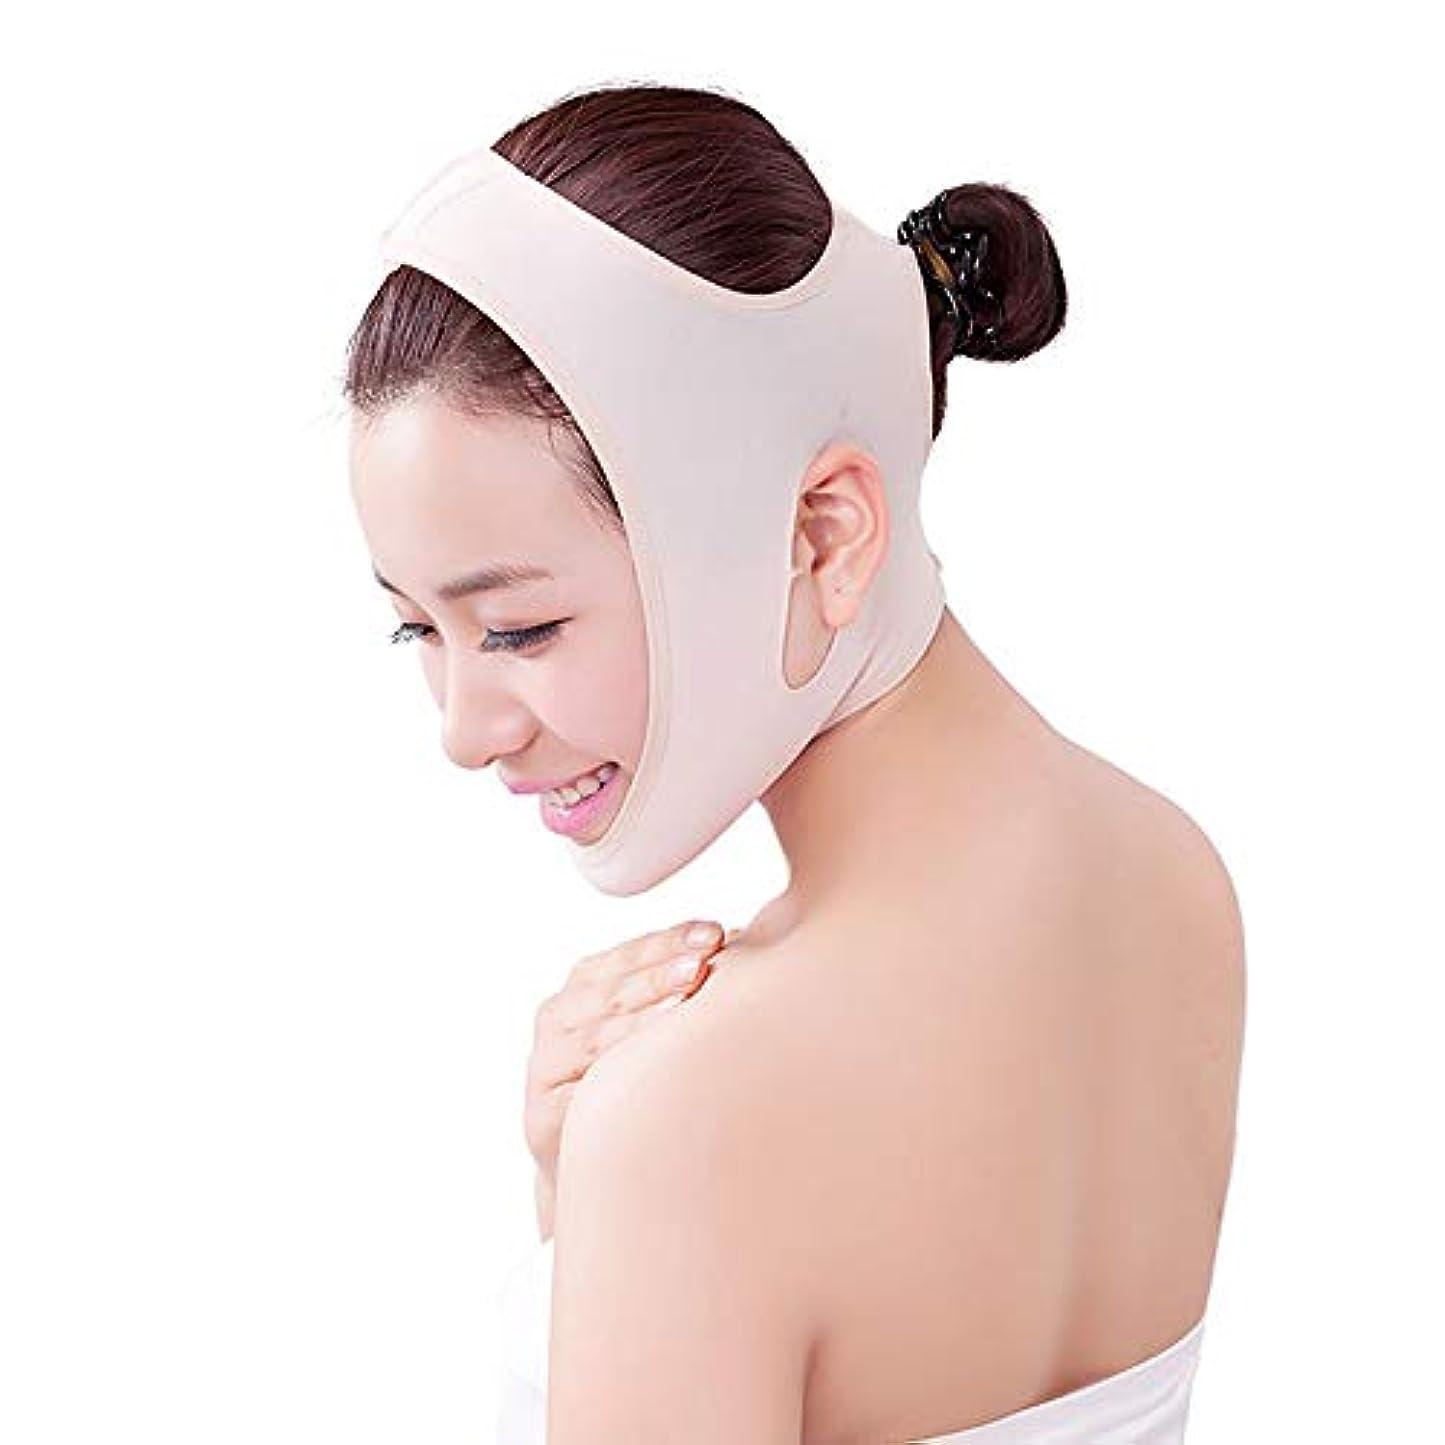 しないでくださいむしろ拷問Minmin 顔の持ち上がる痩身ベルト - アンチエイジングリンクルフェイスマスクベルトあなたの顔のためのすばらしい試し二重あごの試し みんみんVラインフェイスマスク (Size : L)